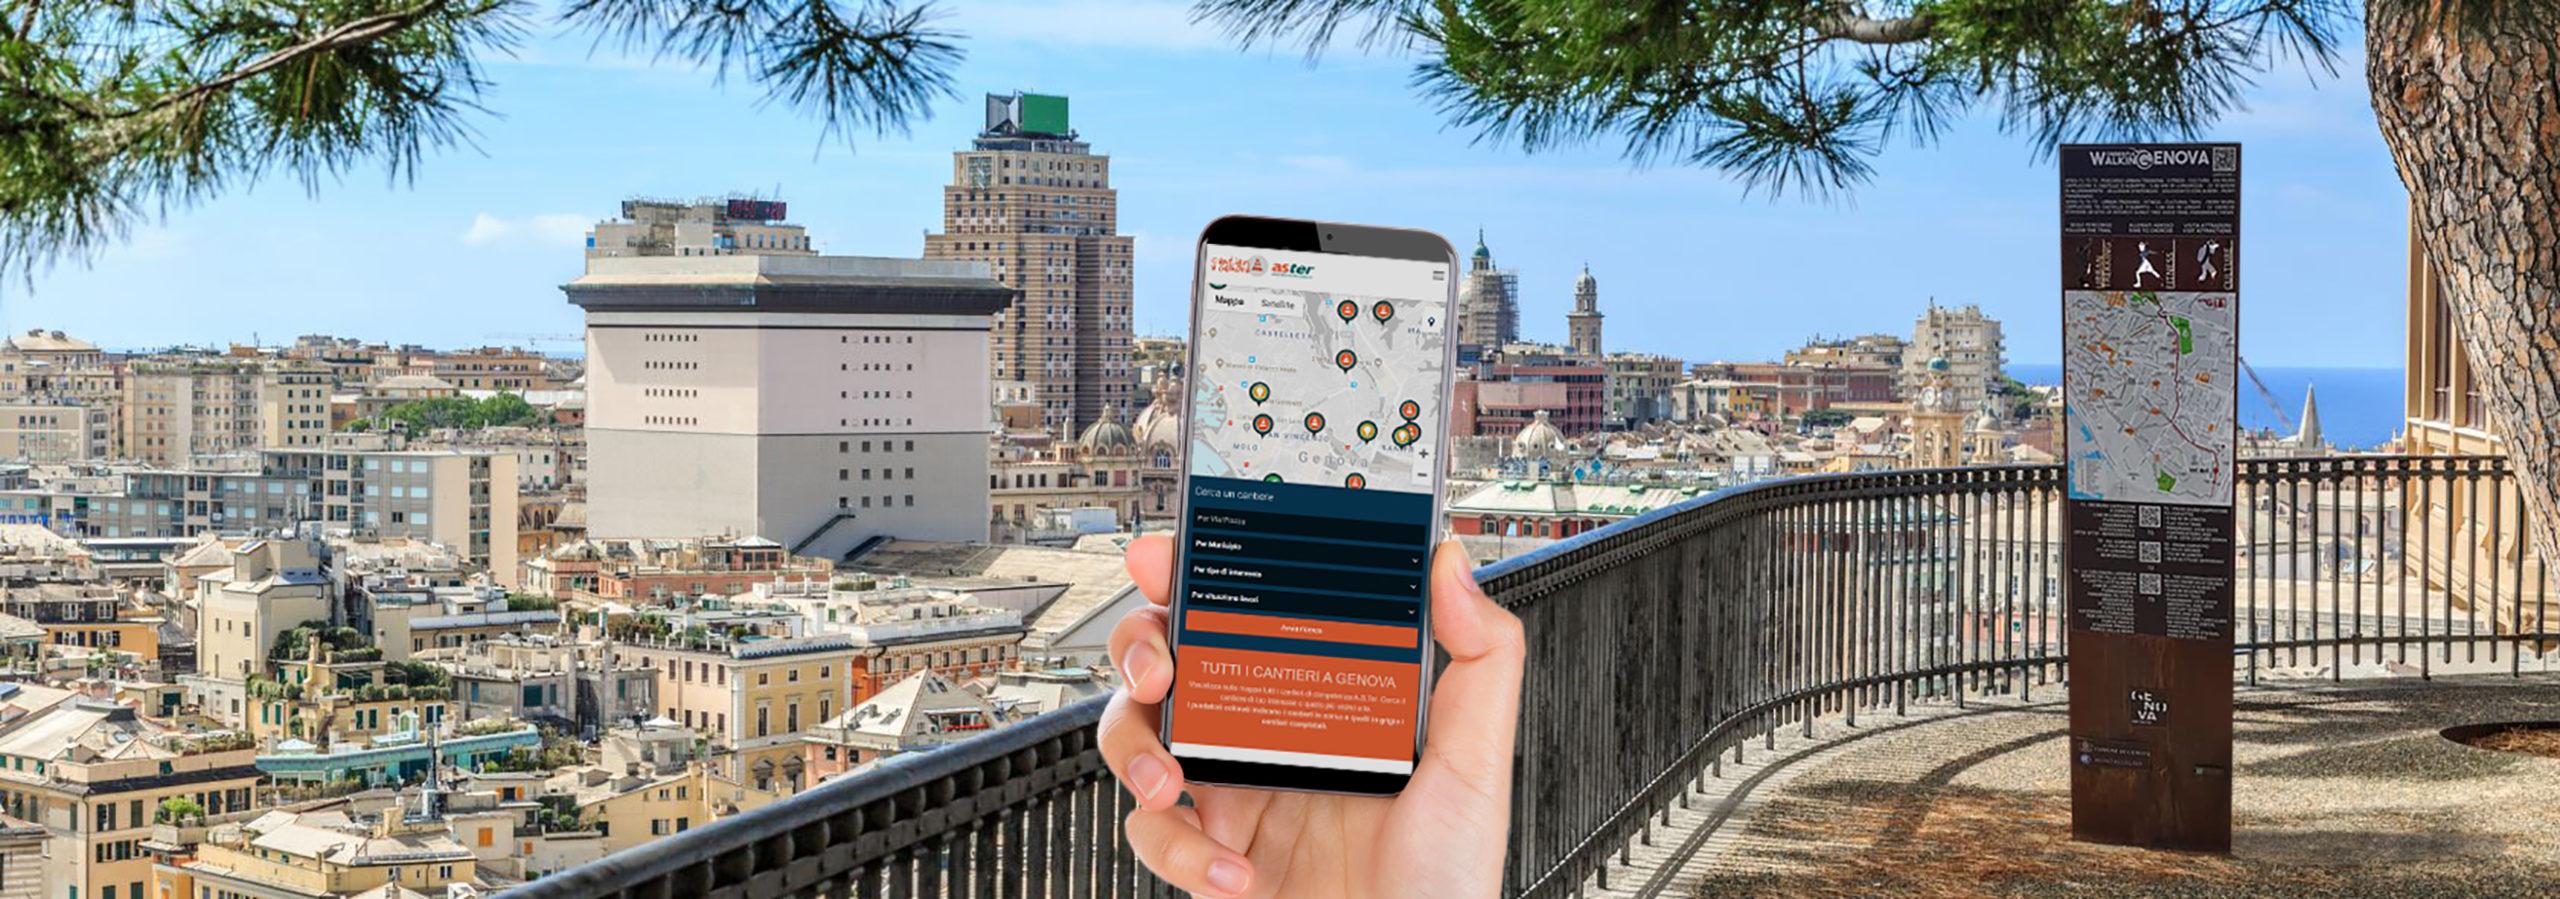 aster-portfolio-clienti-mercomm-agenzia-comunicazione